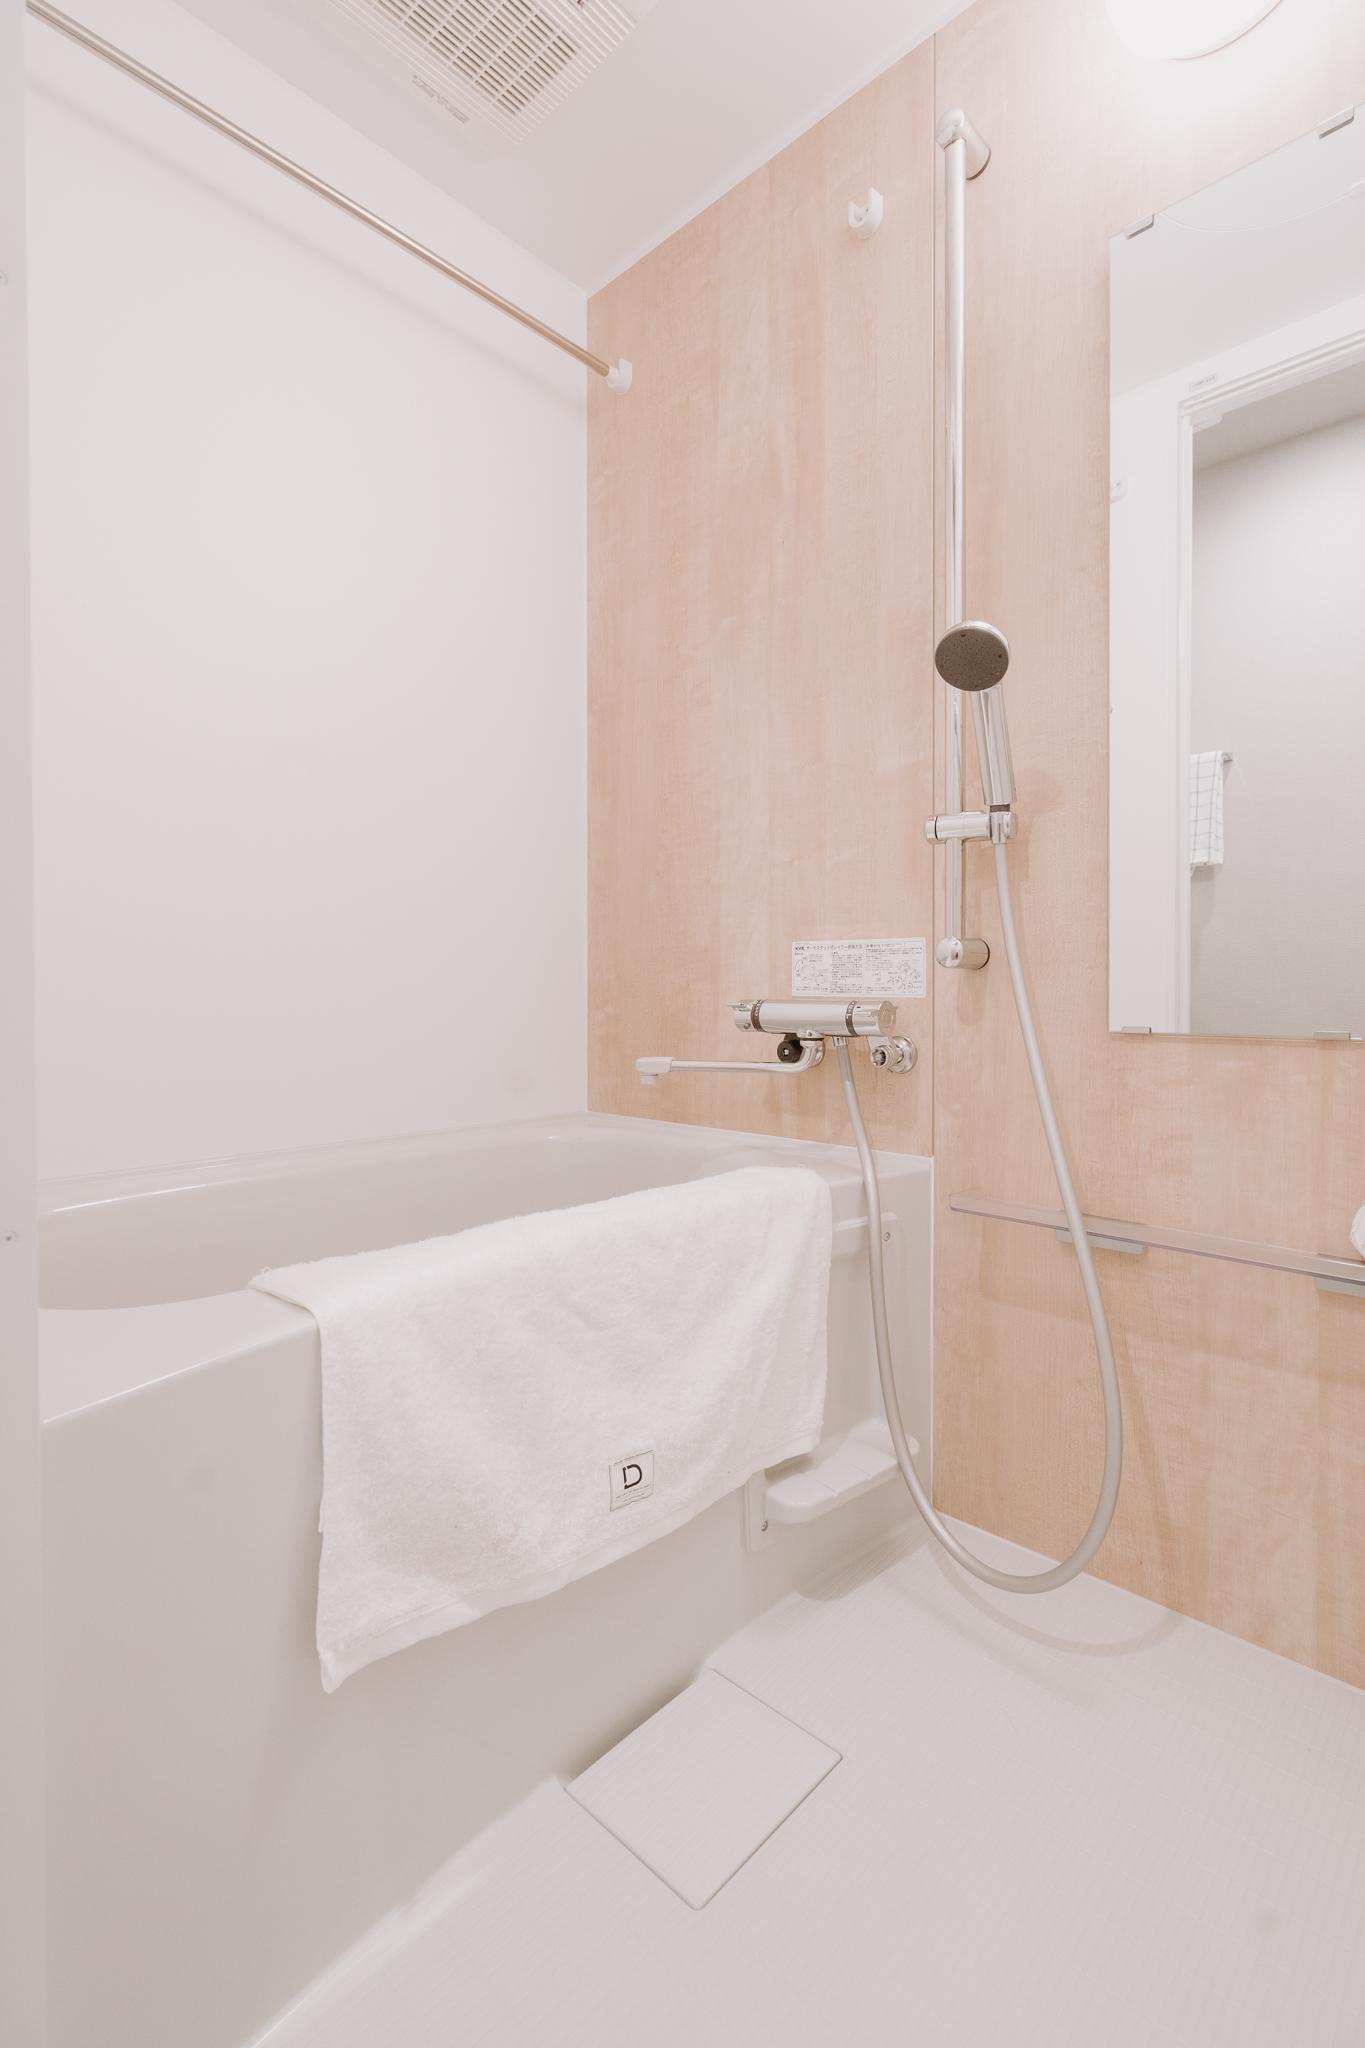 バスルームも木目調のクロスが貼られていて温かみがありました。浴室乾燥機もついているので、雨の日が続いた日でも、夜間でも洗濯物を干せるので安心ですね。